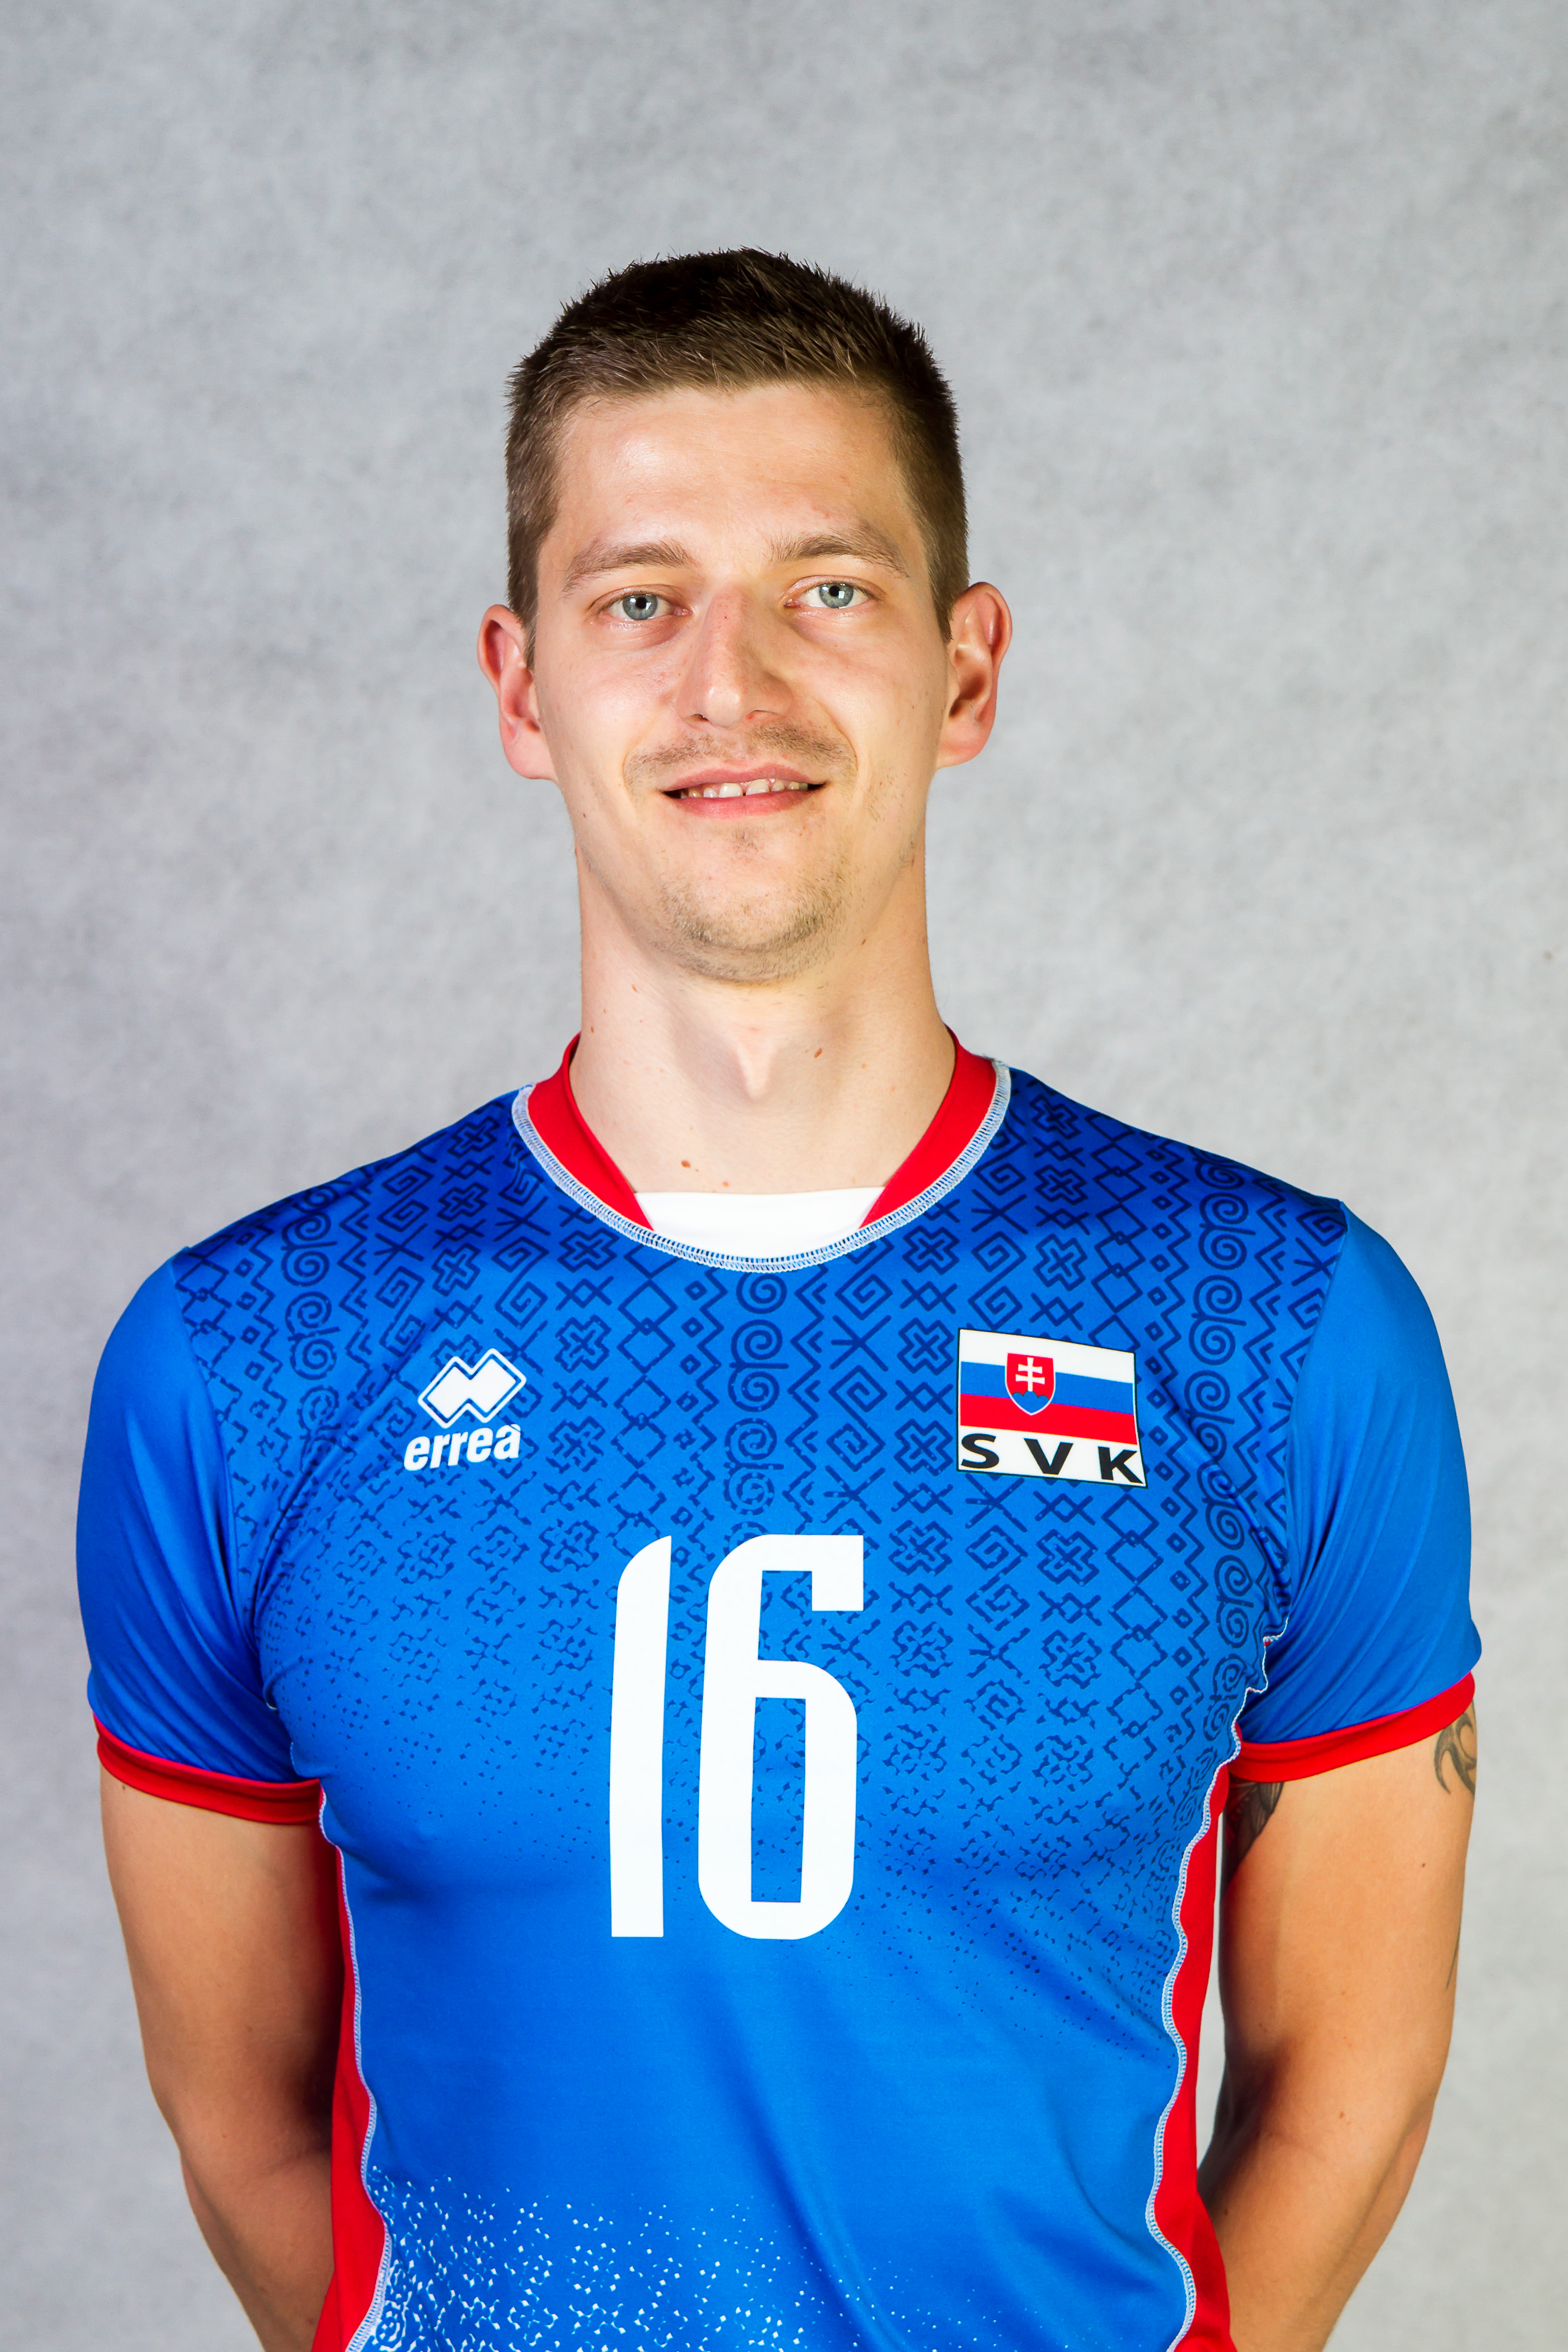 Radoslav Presinsky